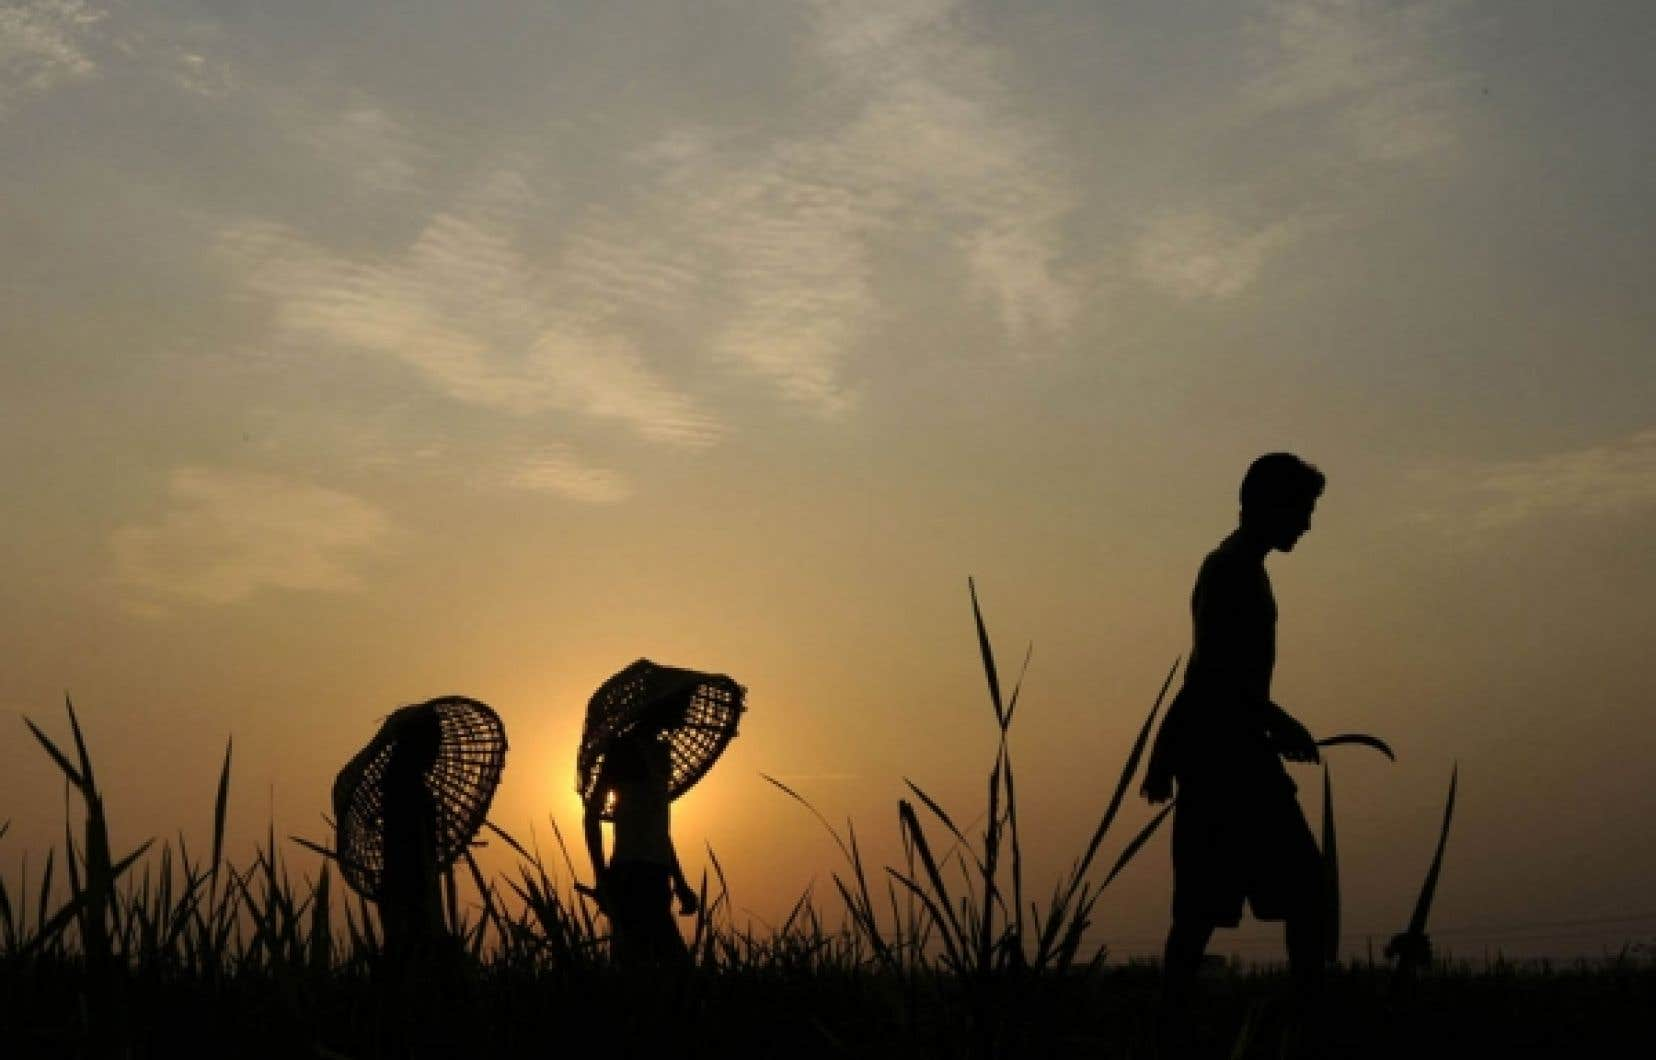 La silhouette de fermiers indiens est découpée par le soleil couchant. Le pays a connu dans neuf grands États de l'Union une très mauvaise mousson, et les récoltes en ont beaucoup souffert.